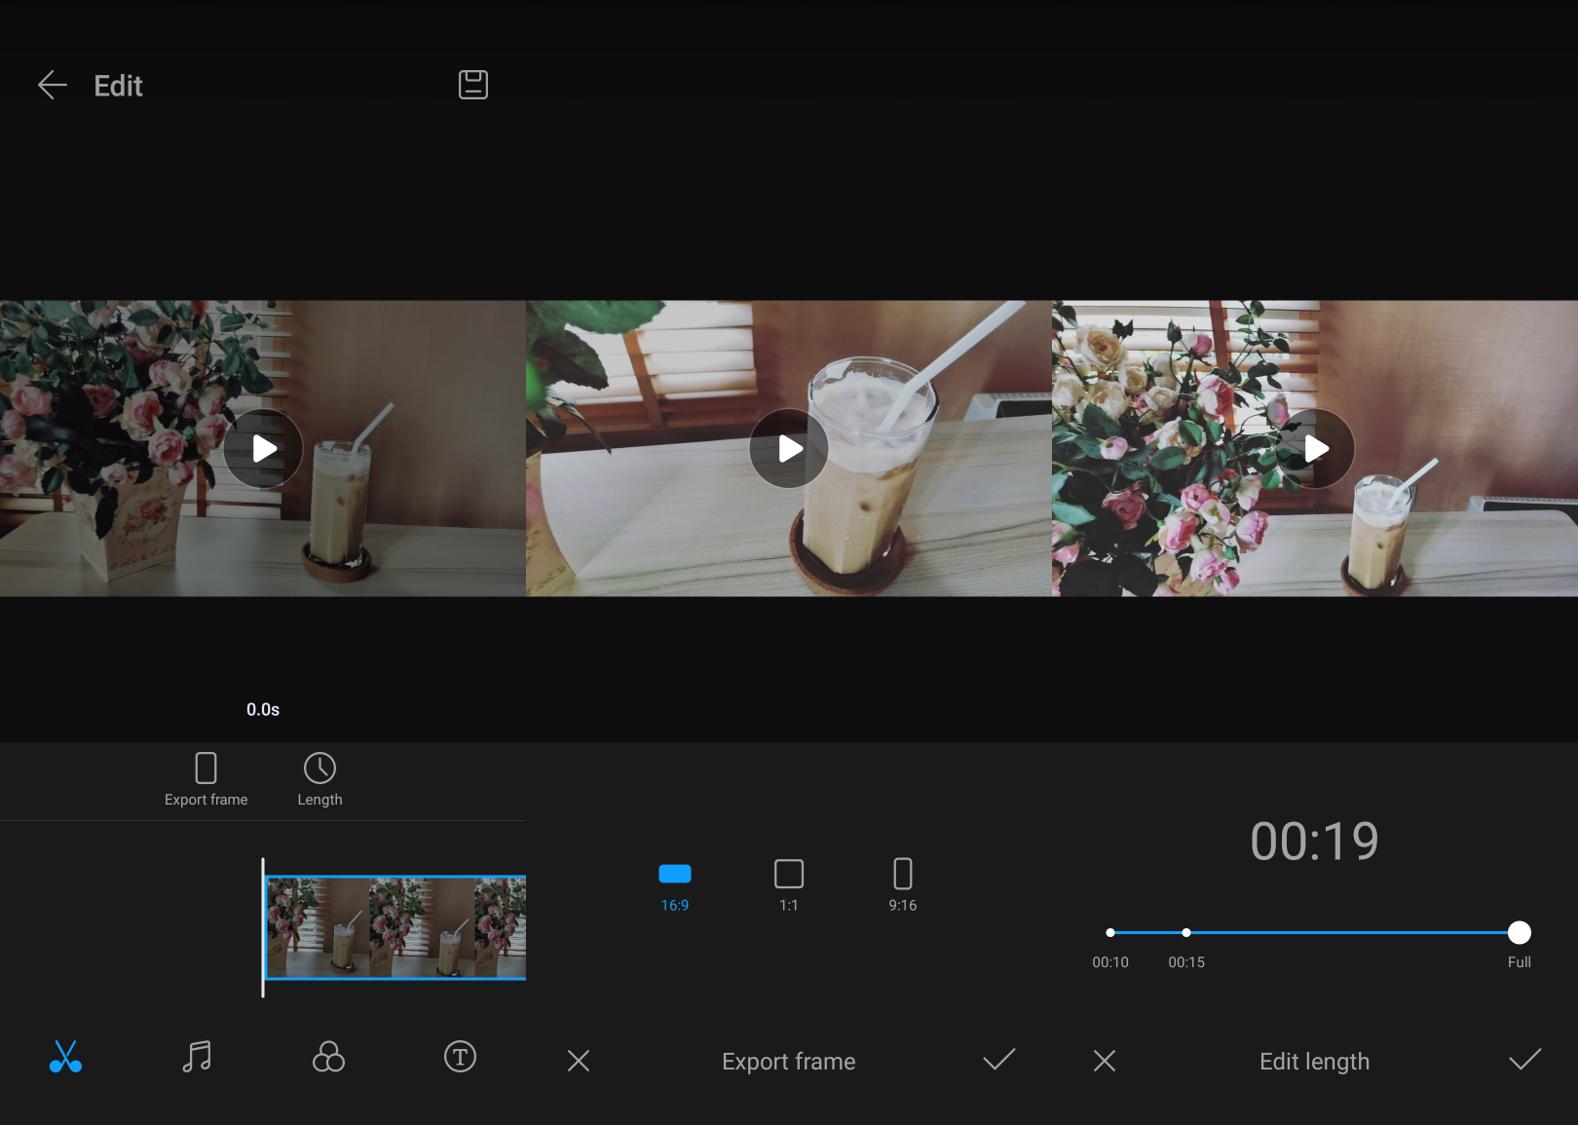 HUAWEI nova 7i AI Video Editing 6